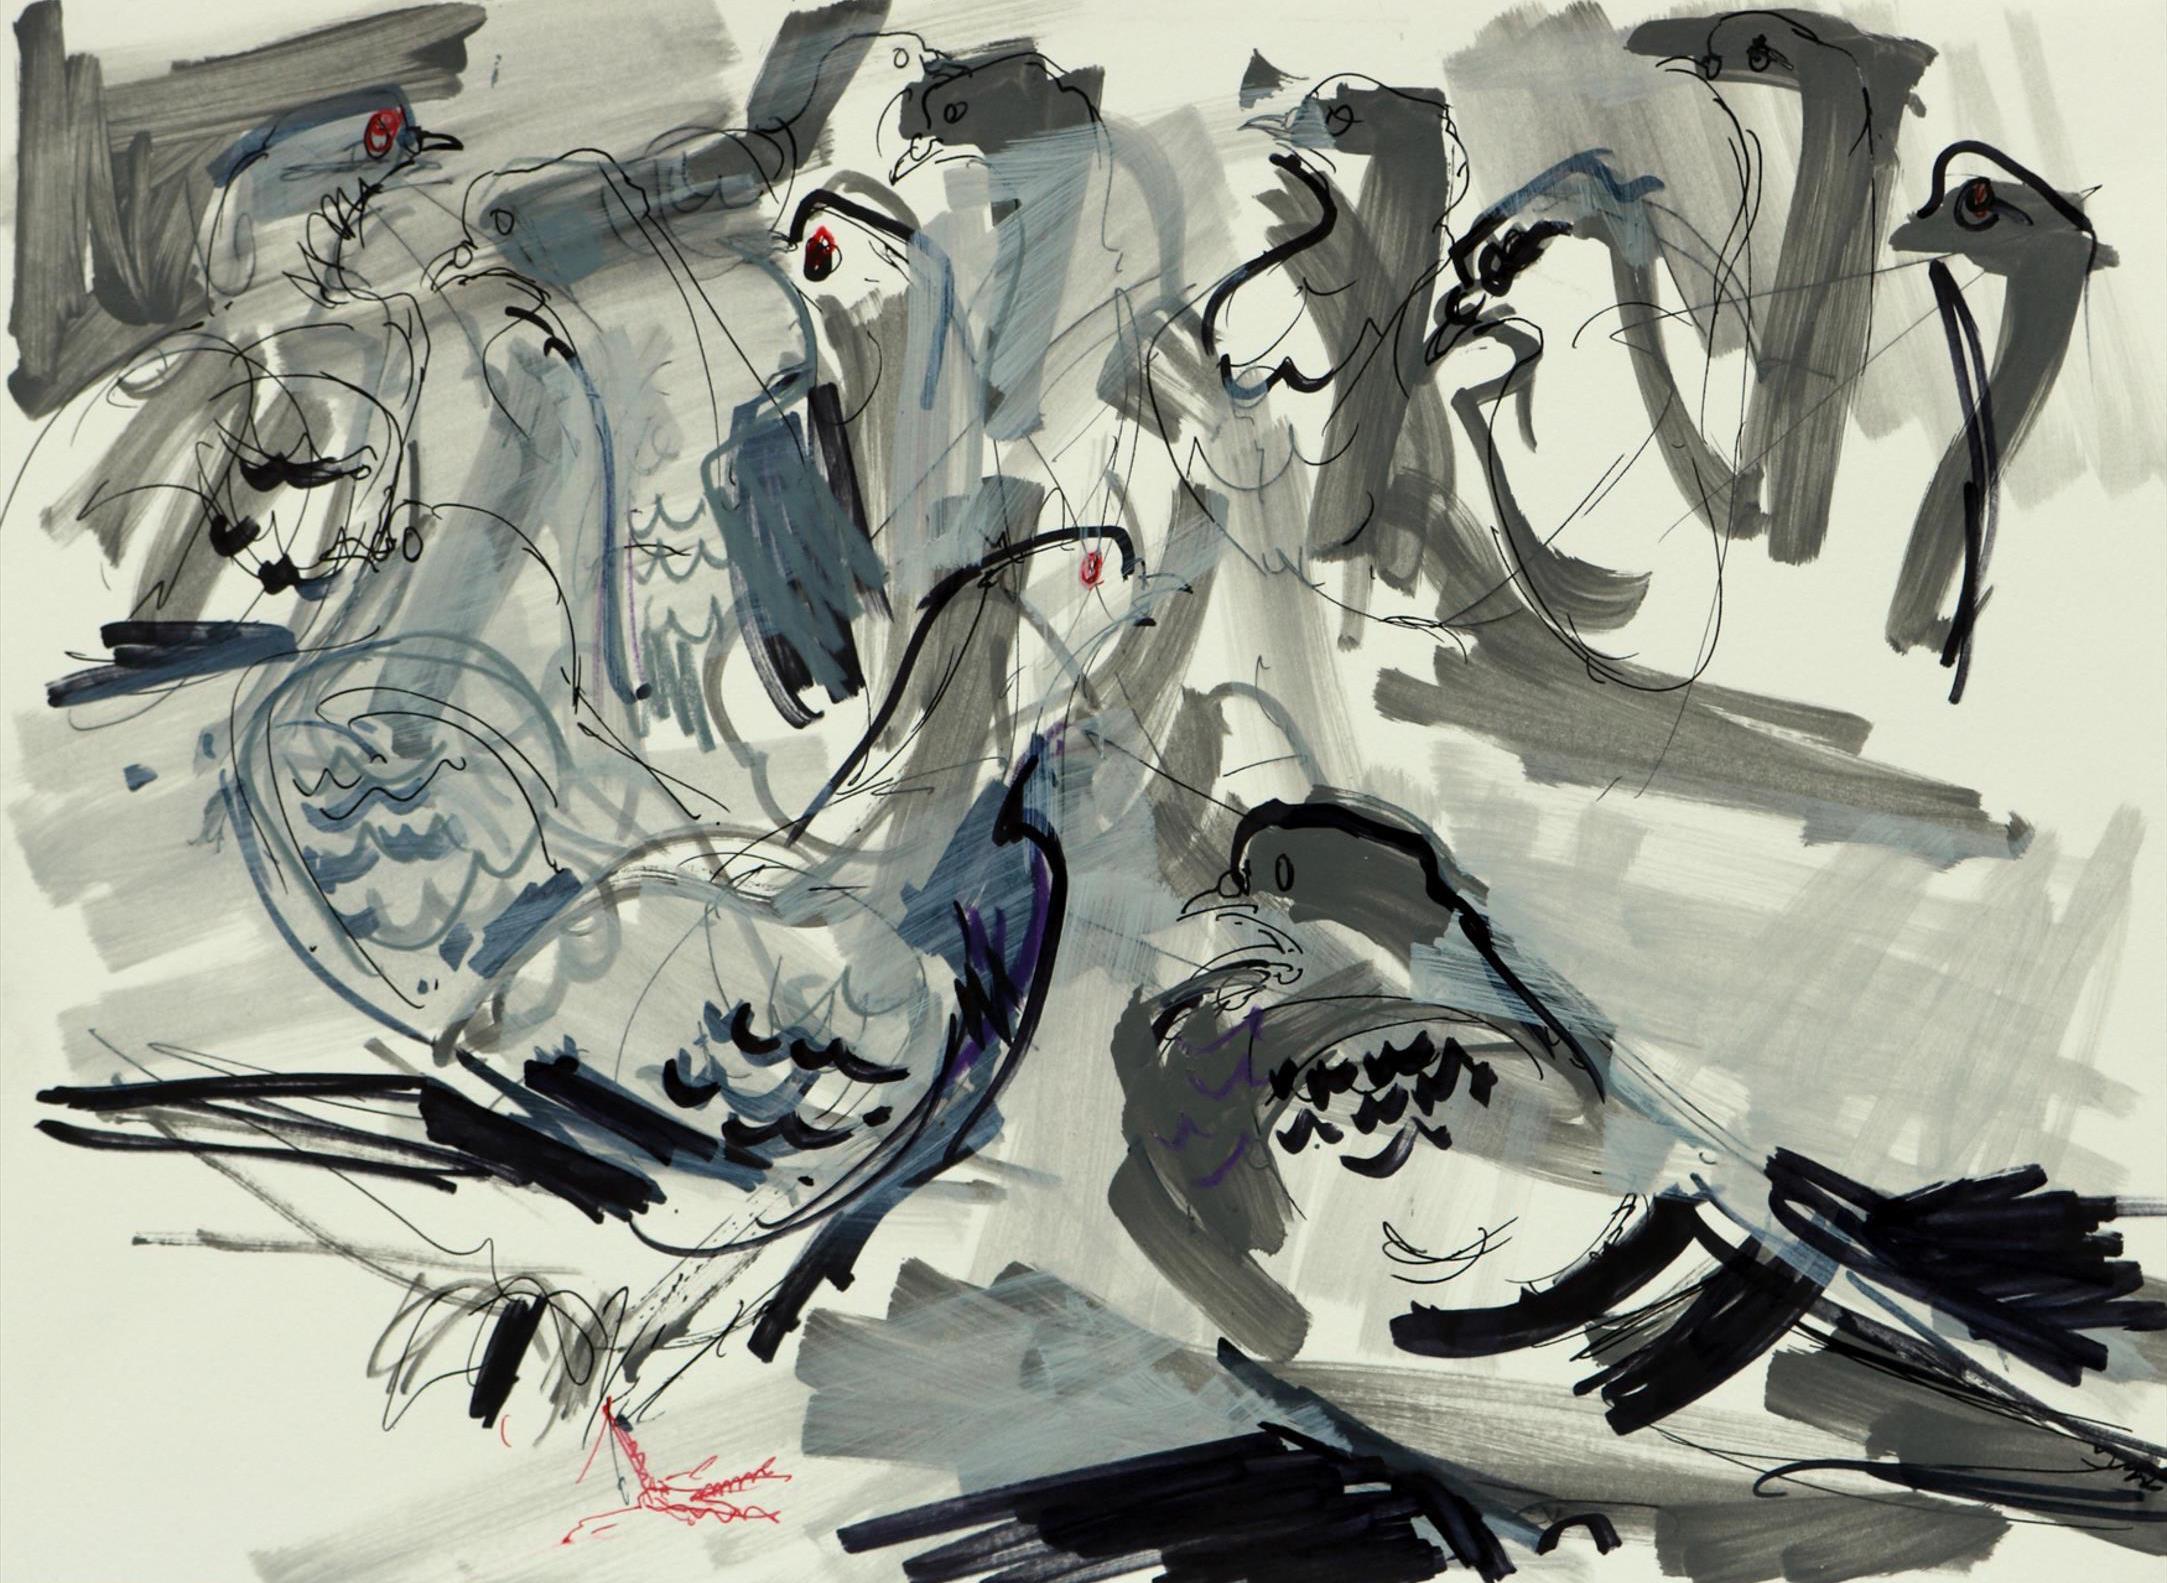 <p>Feral Pigeons 1 by Nik Pollard</p>